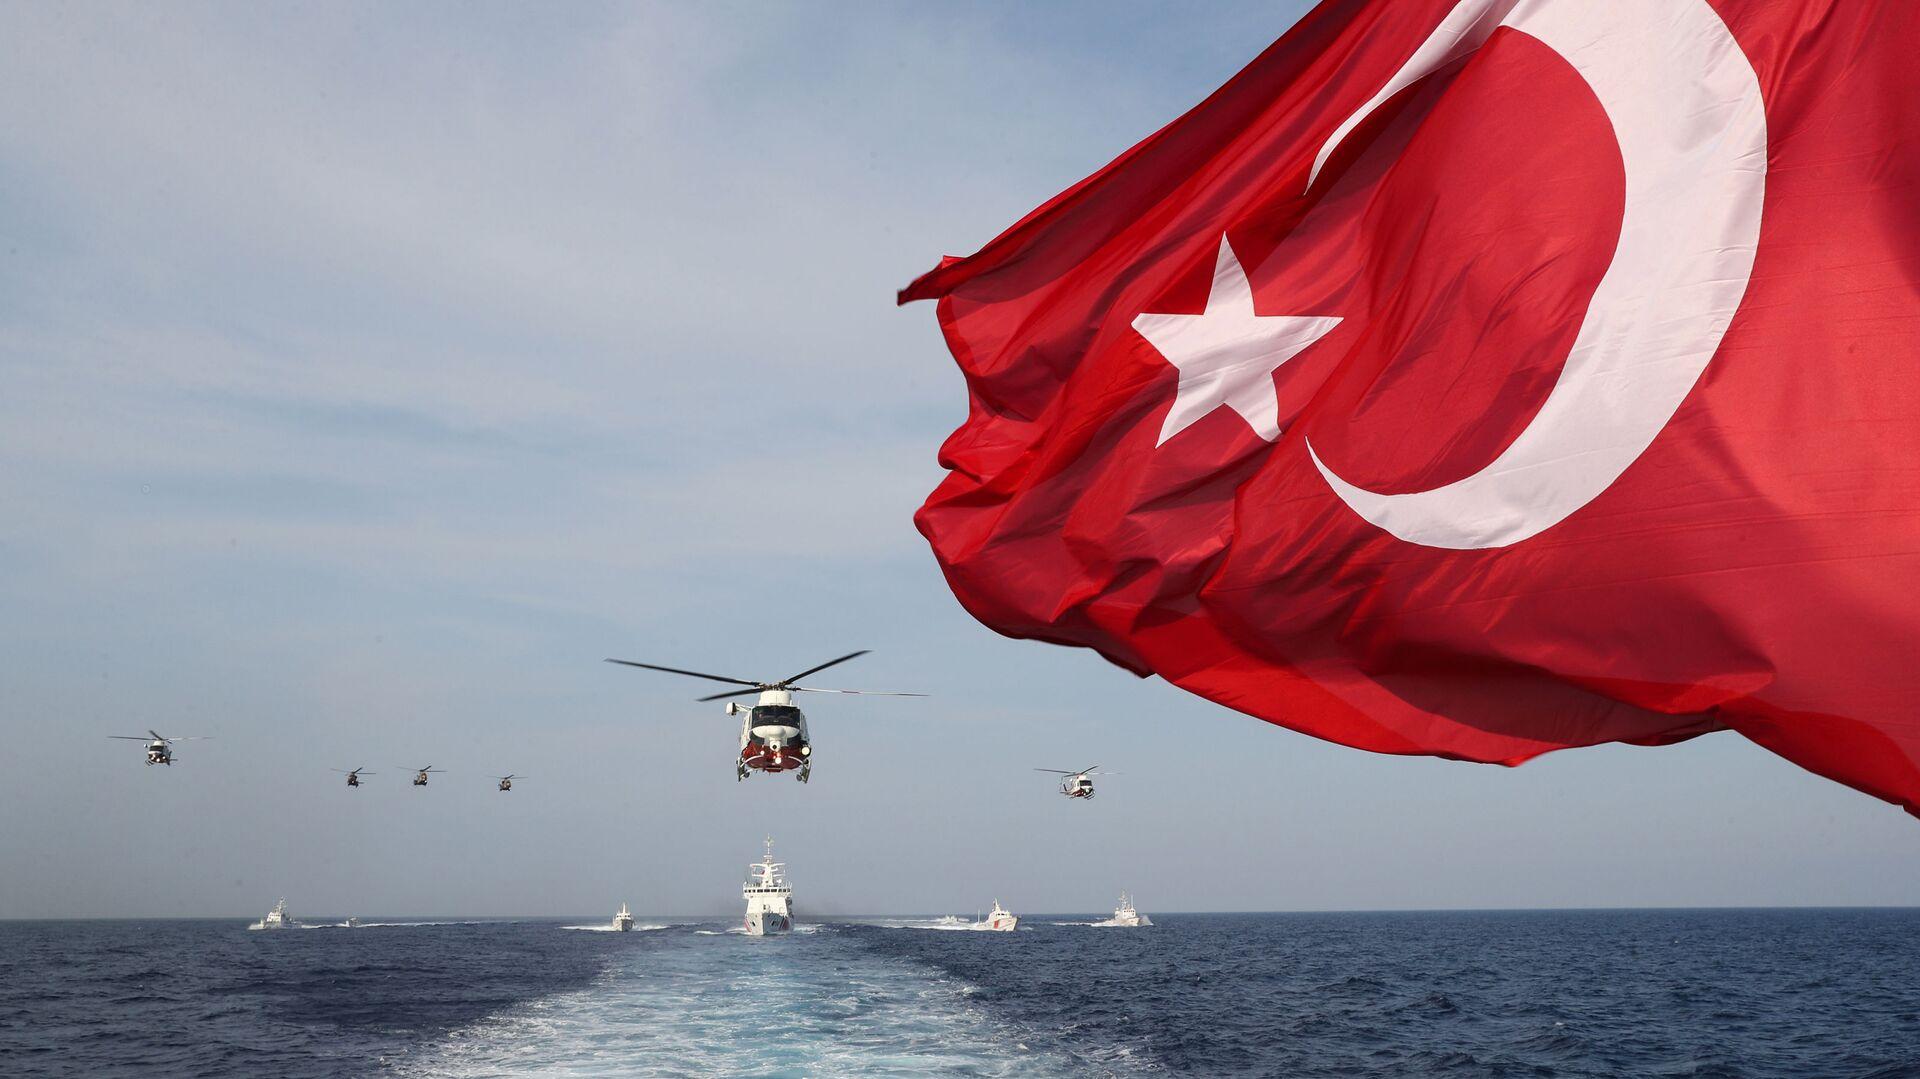 Σημαία Τουρκίας - Sputnik Ελλάδα, 1920, 08.10.2021